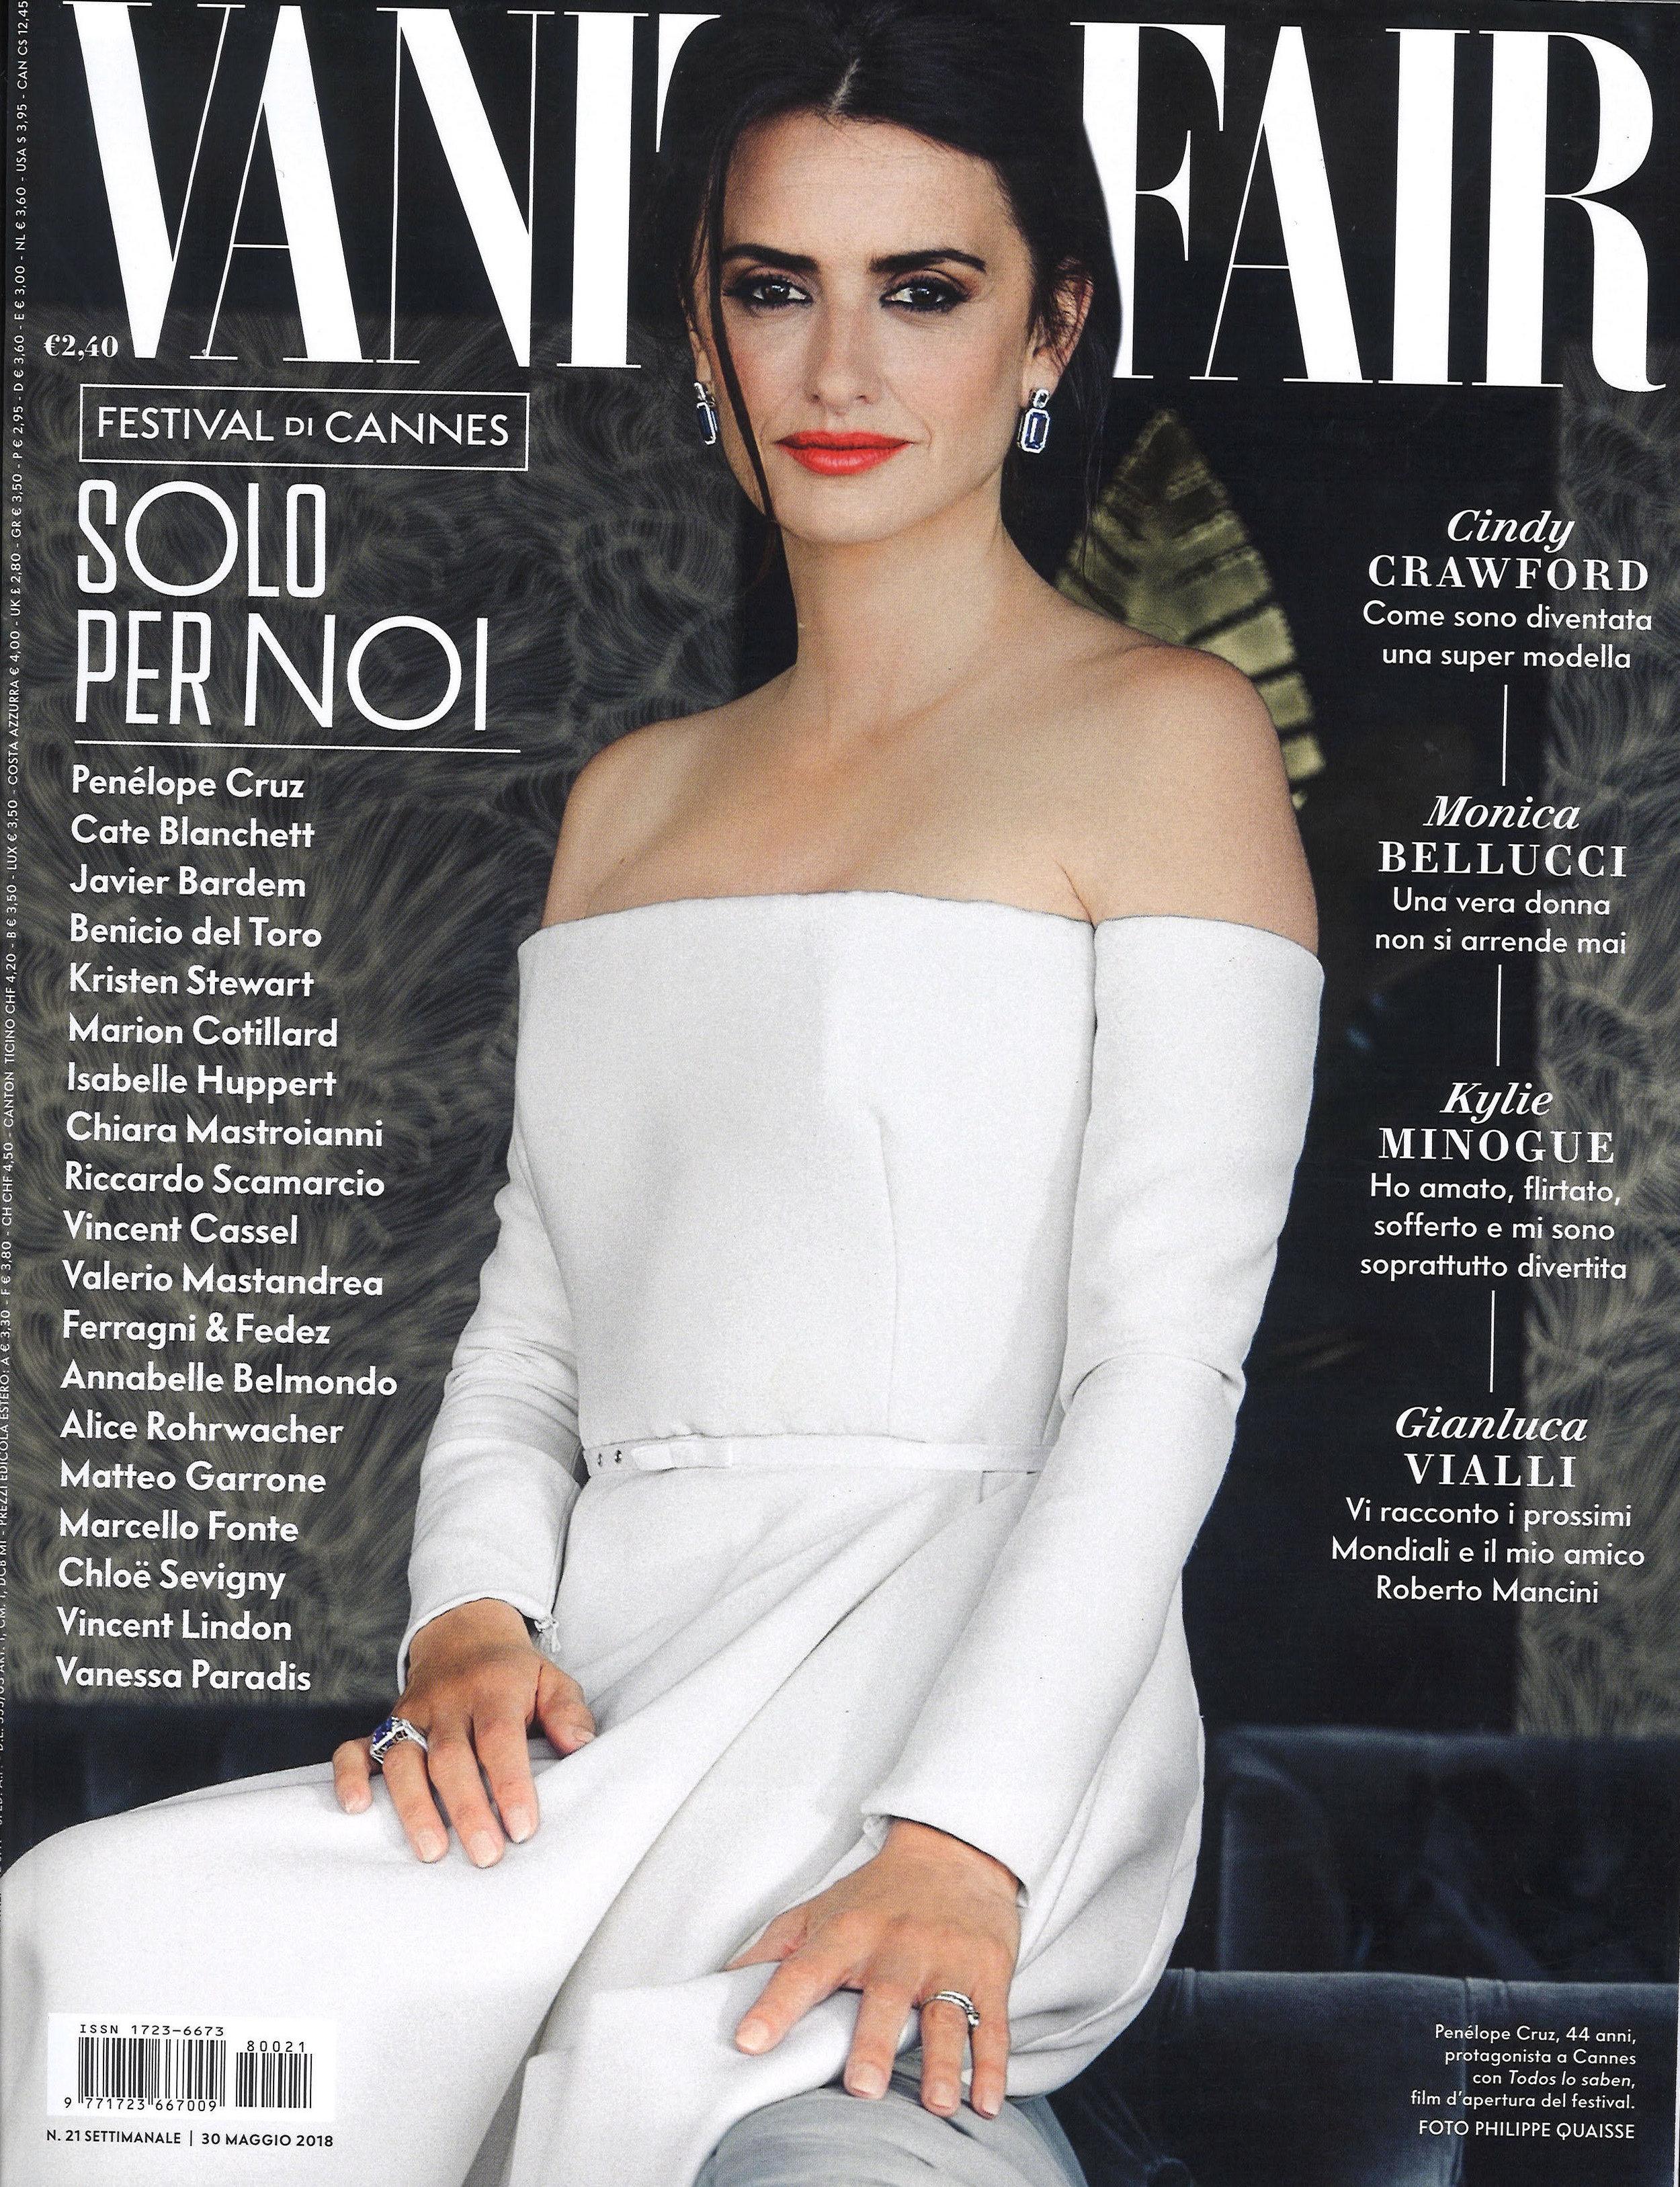 Vanity Fair Italia Cover